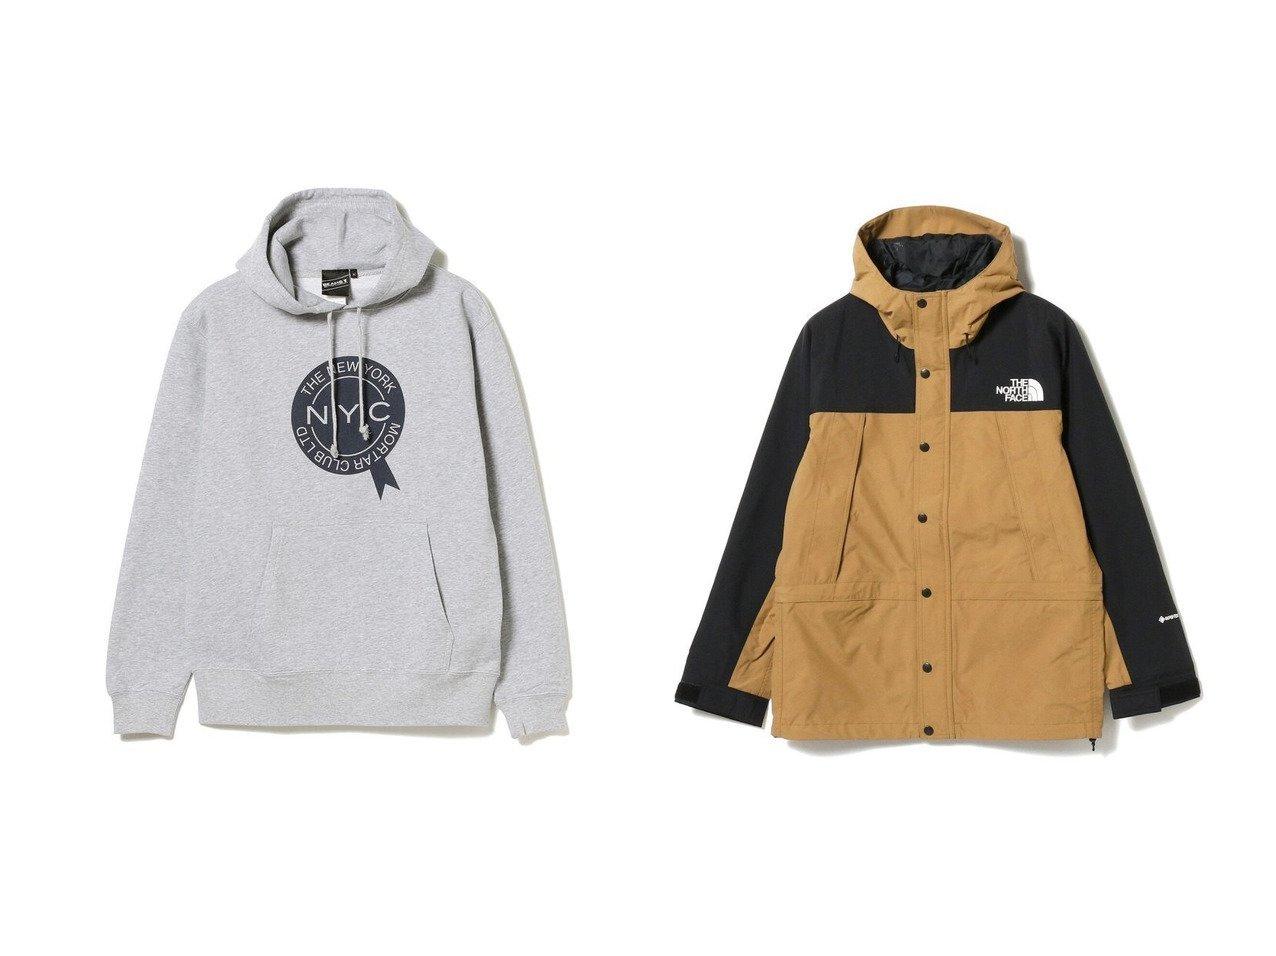 【BEAMS / MEN/ビームス】の【SPECIAL PRICE】 NYC パーカ&Mountain Light Jacket 【MEN】おすすめ!人気トレンド・男性、メンズファッションの通販  おすすめで人気の流行・トレンド、ファッションの通販商品 メンズファッション・キッズファッション・インテリア・家具・レディースファッション・服の通販 founy(ファニー) https://founy.com/ ファッション Fashion メンズファッション MEN トップス カットソー Tops Tshirt Men パーカ Sweats シンプル パーカー フロント アウトドア インナー ジャケット ダブル フラップ ブルゾン 定番 Standard |ID:crp329100000021995